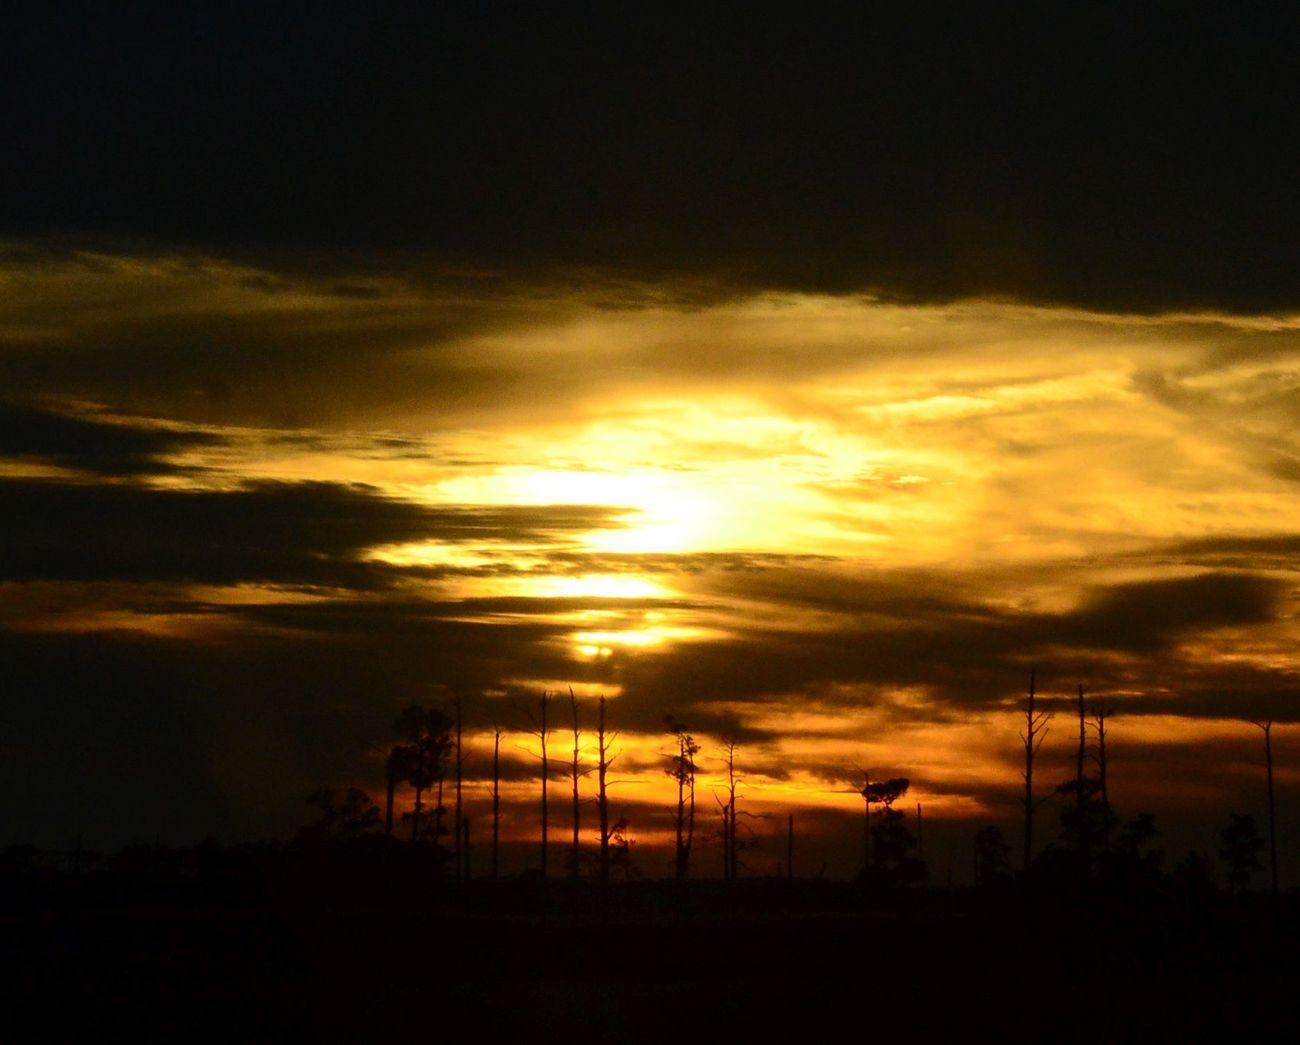 Sunset at Blackwater IV